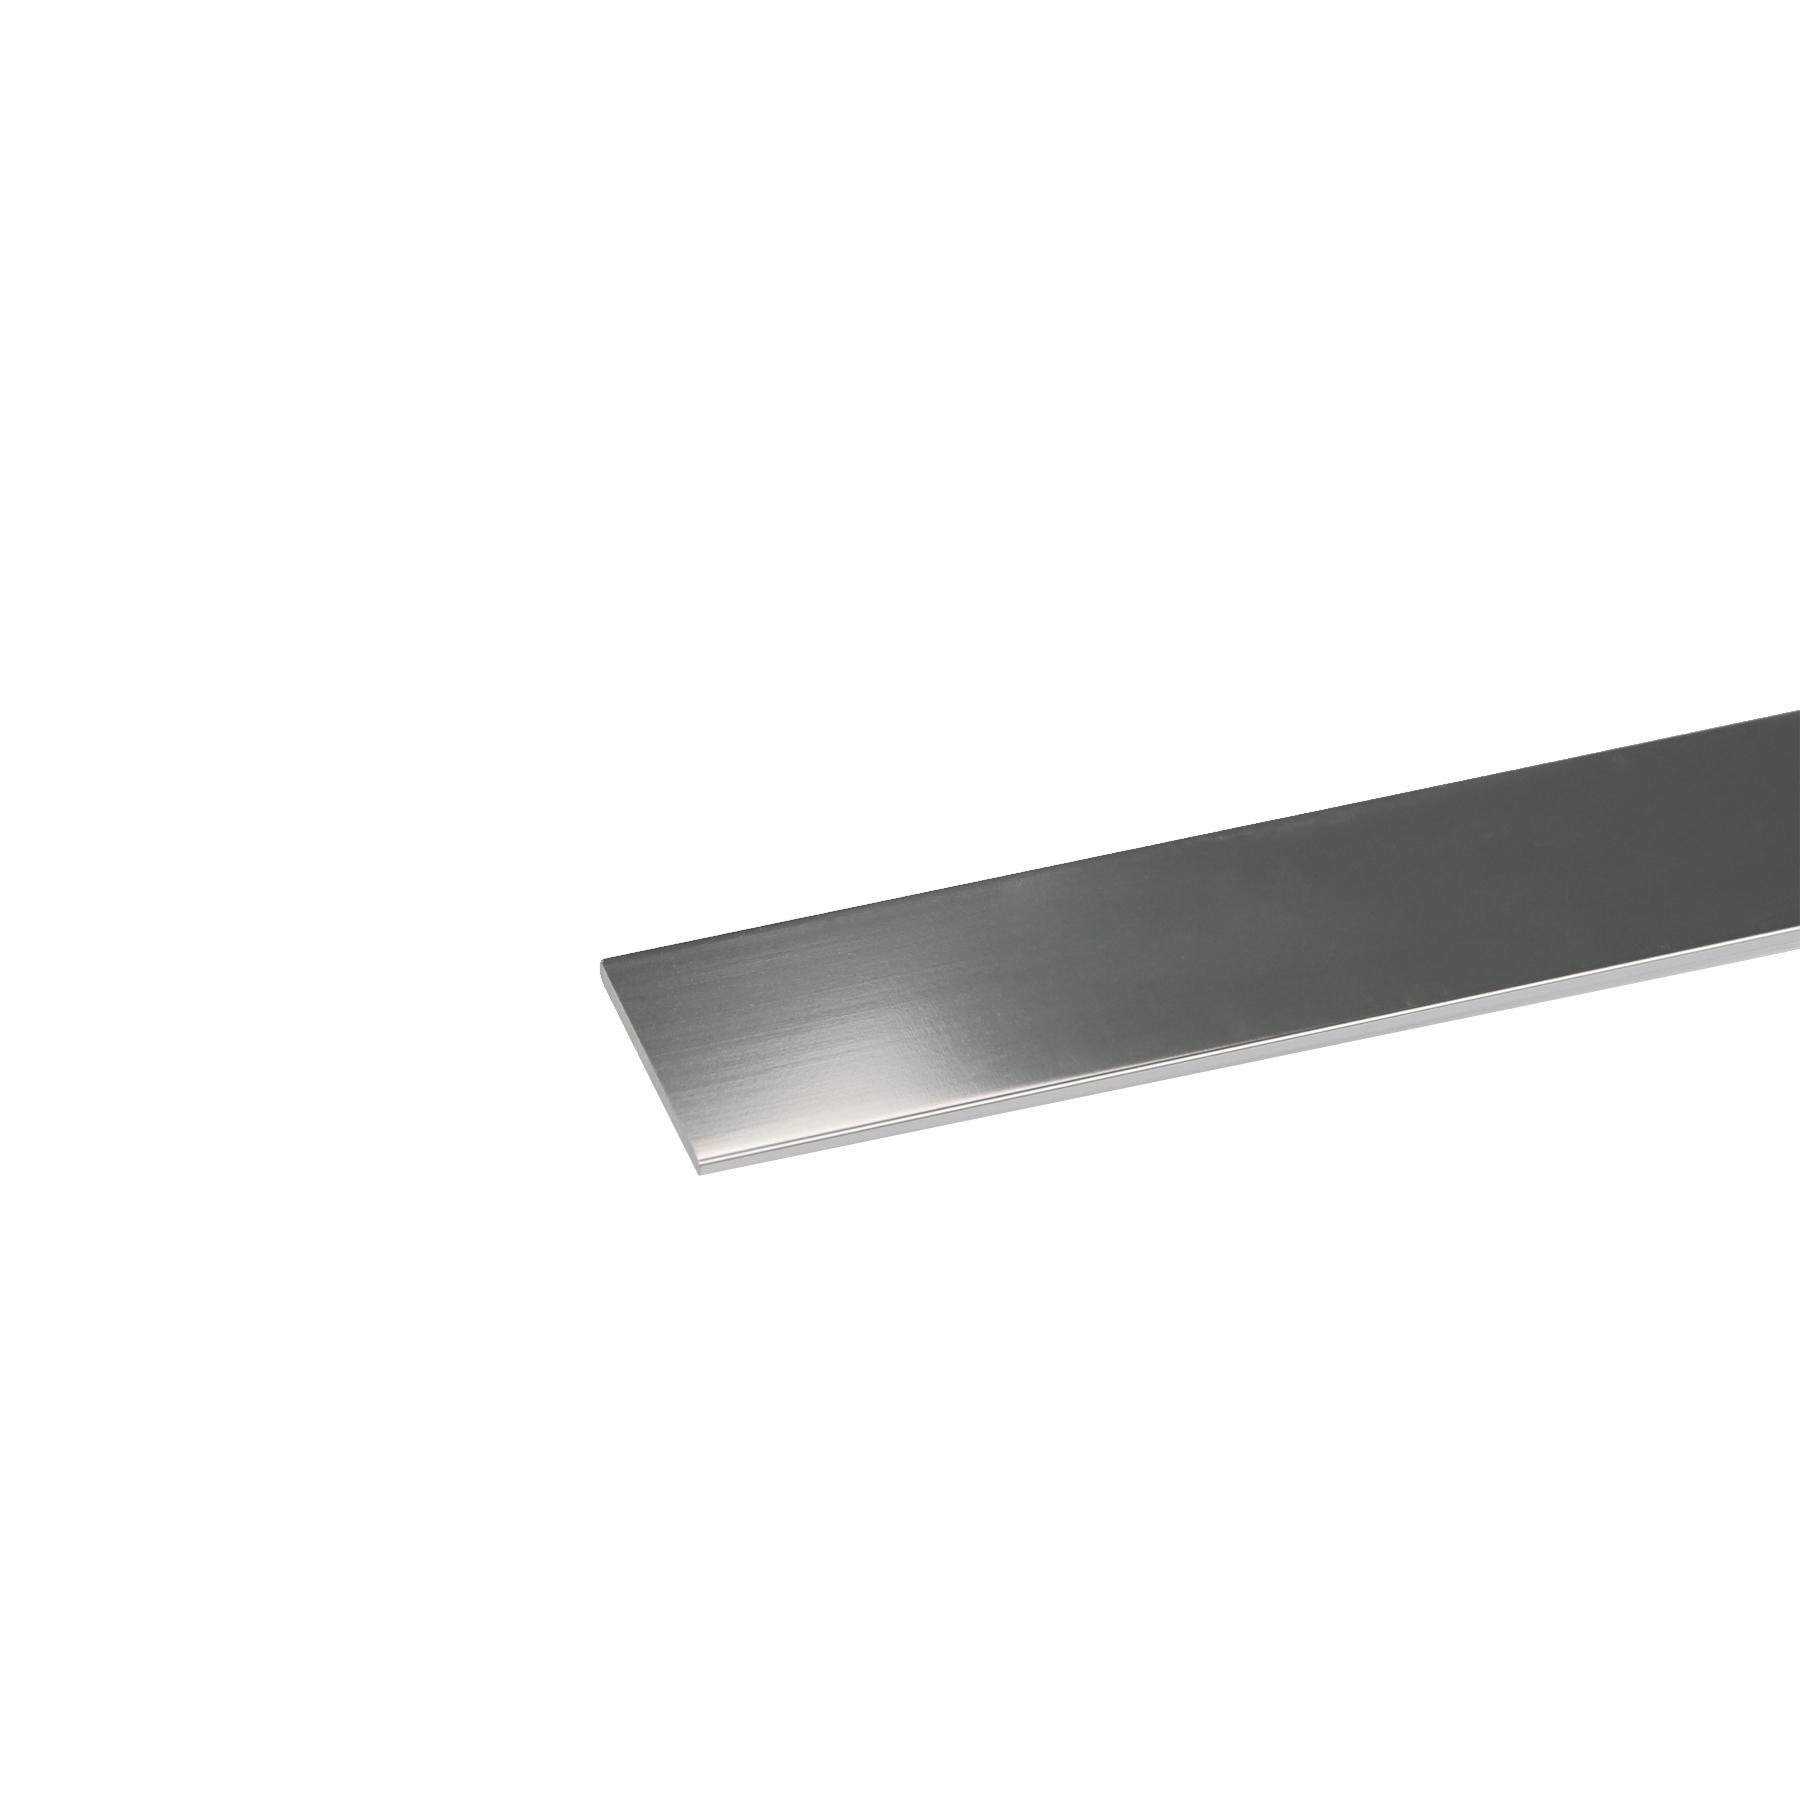 Perfil Plano Alumínio Anodizado Cromado 1mx2cm